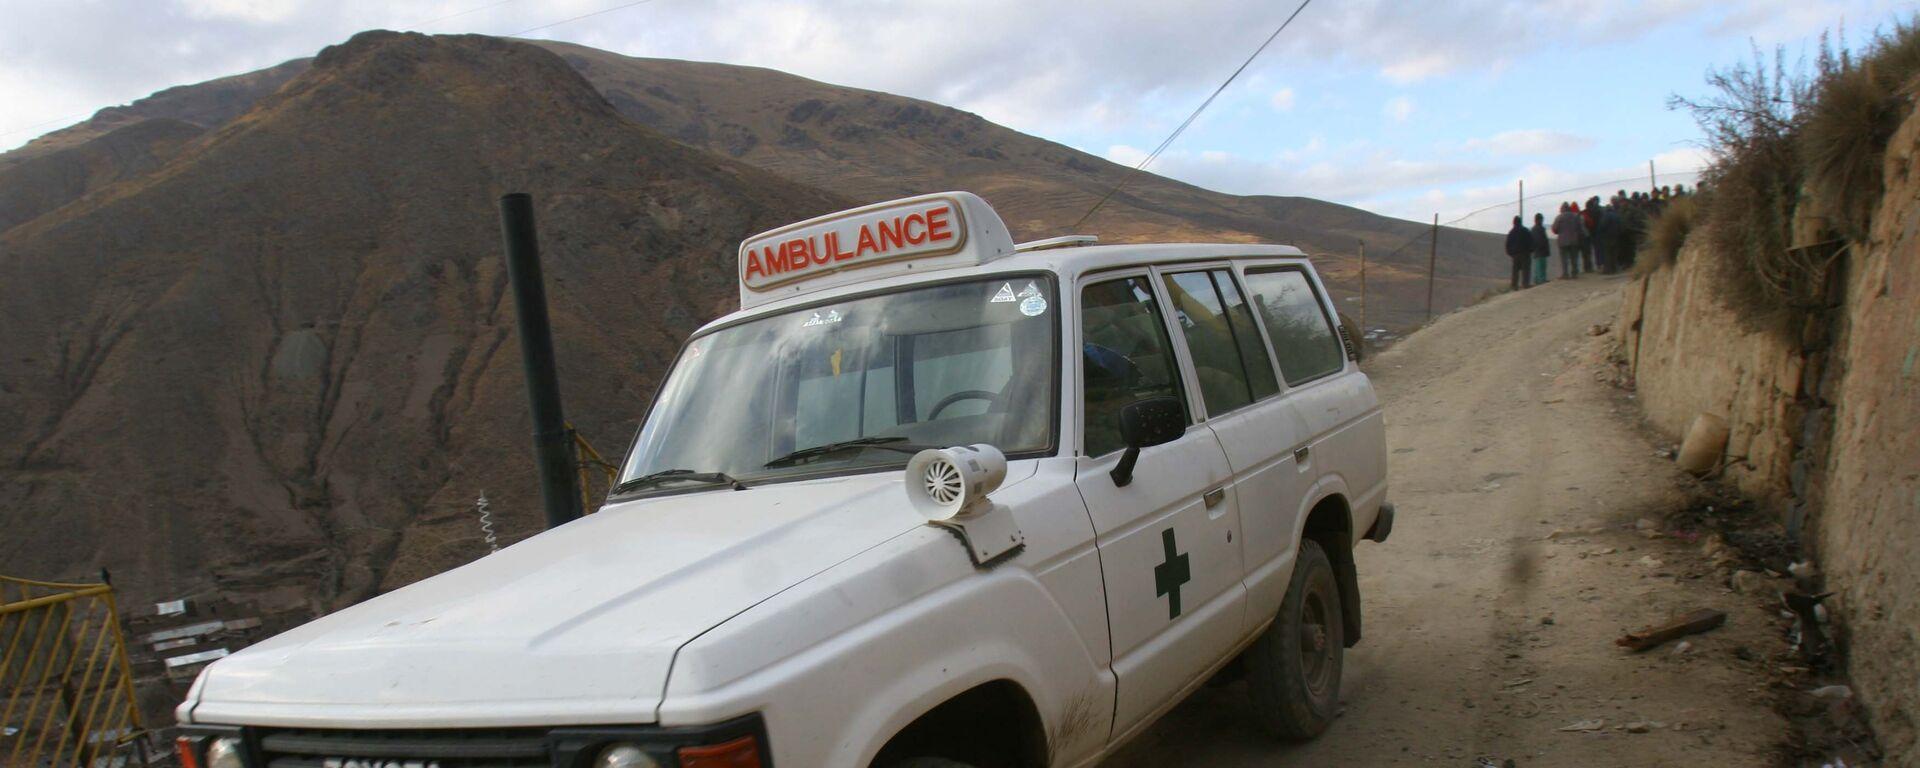 Ambulancia boliviana - Sputnik Mundo, 1920, 25.03.2021